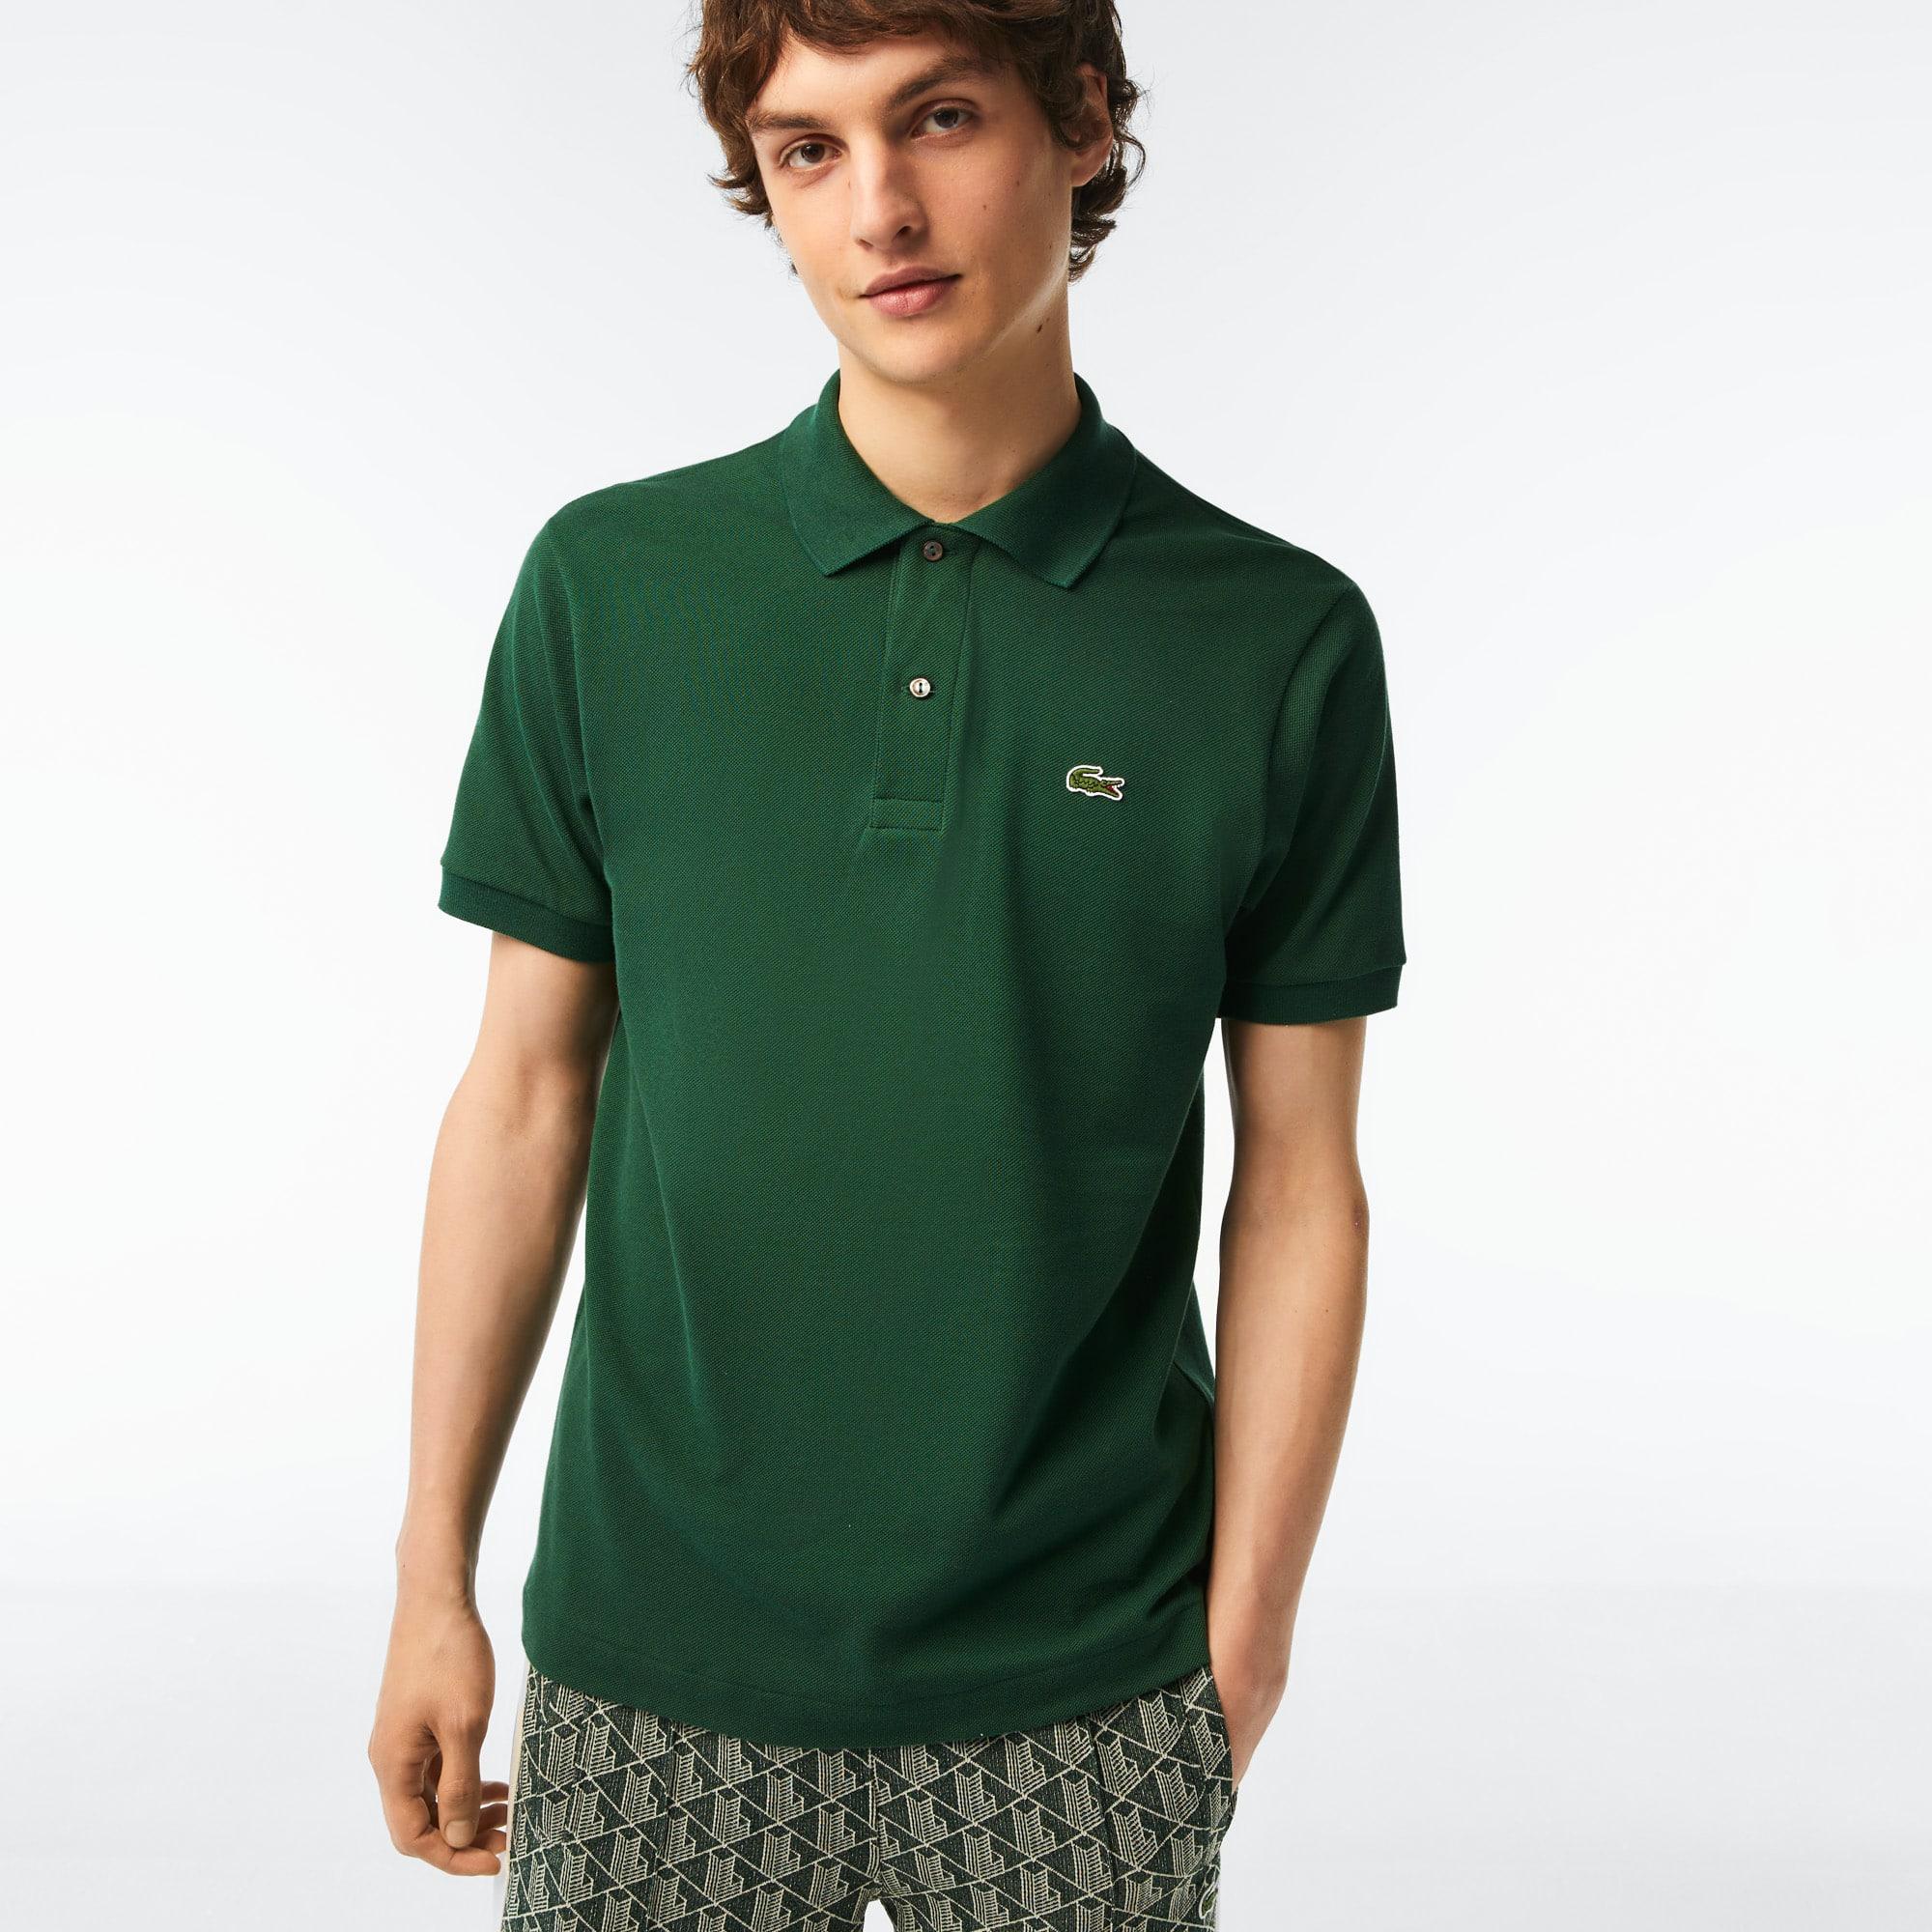 0a00135a0b Todas as Camisas Polo   A Coleção Polo   LACOSTE